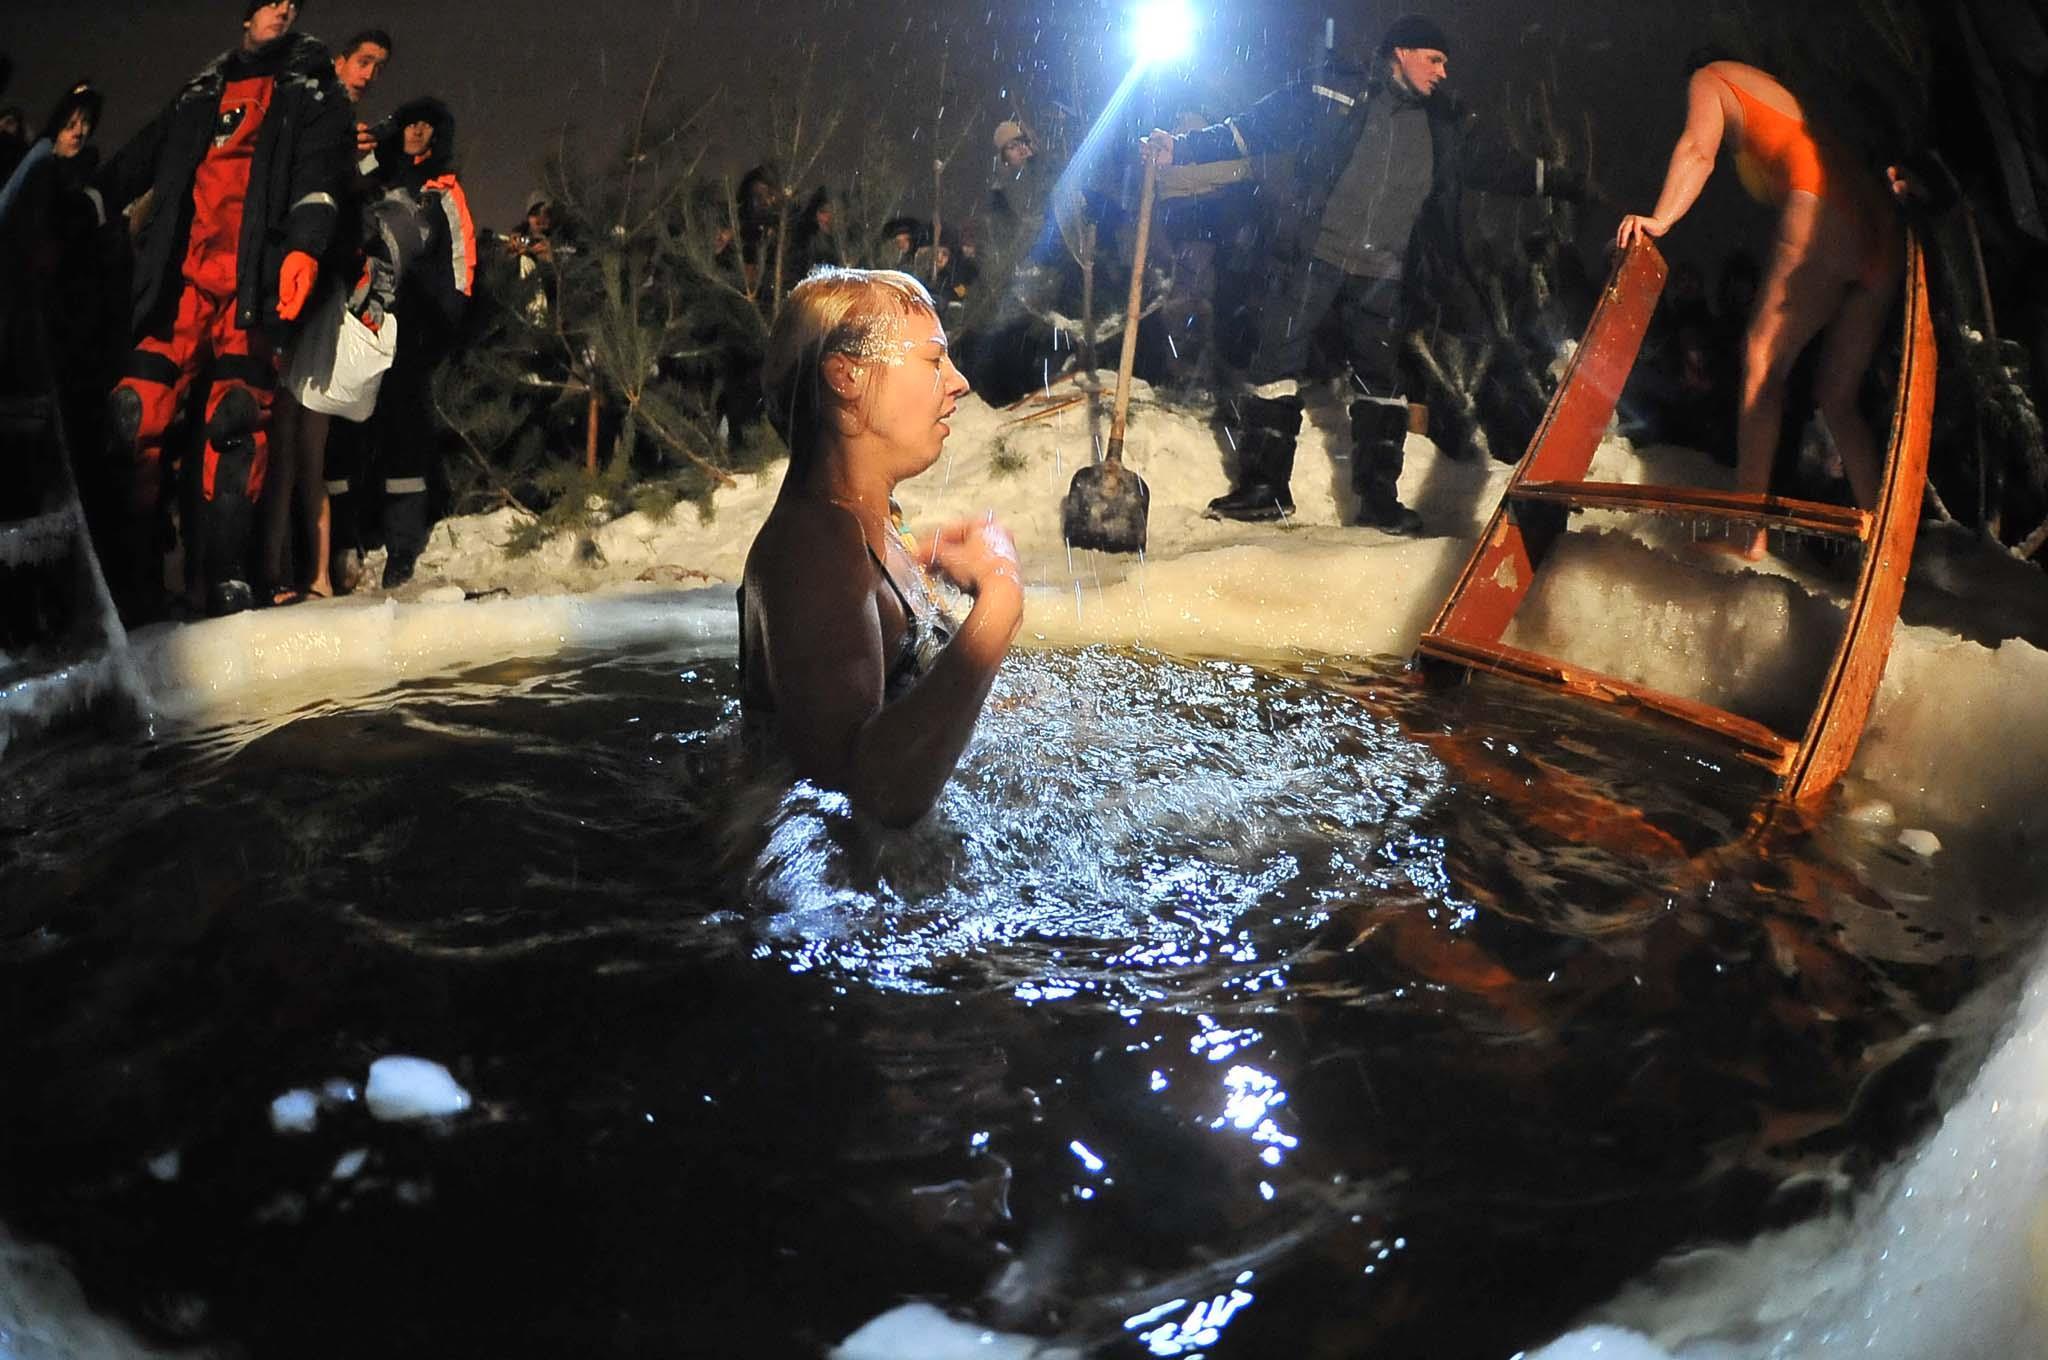 В МЧС разрешили проводить крещенские купания в Самарской области